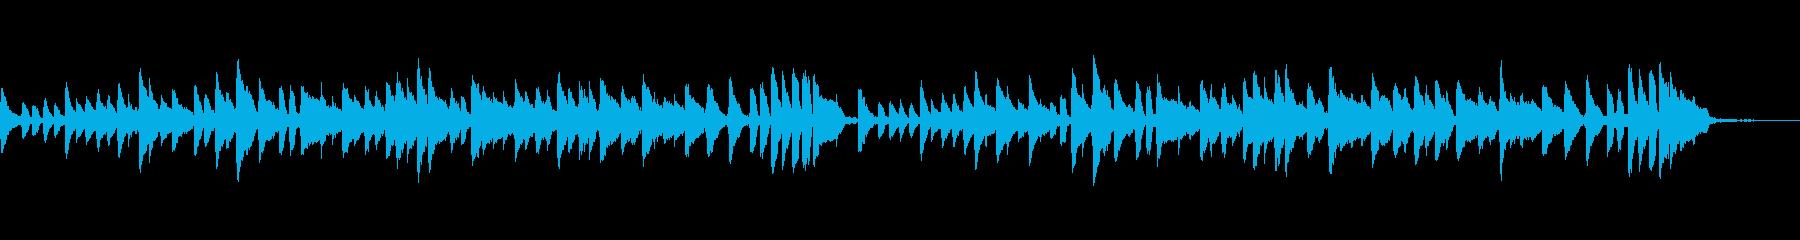 童謡・どんぐりころころ・ピアノソロの再生済みの波形